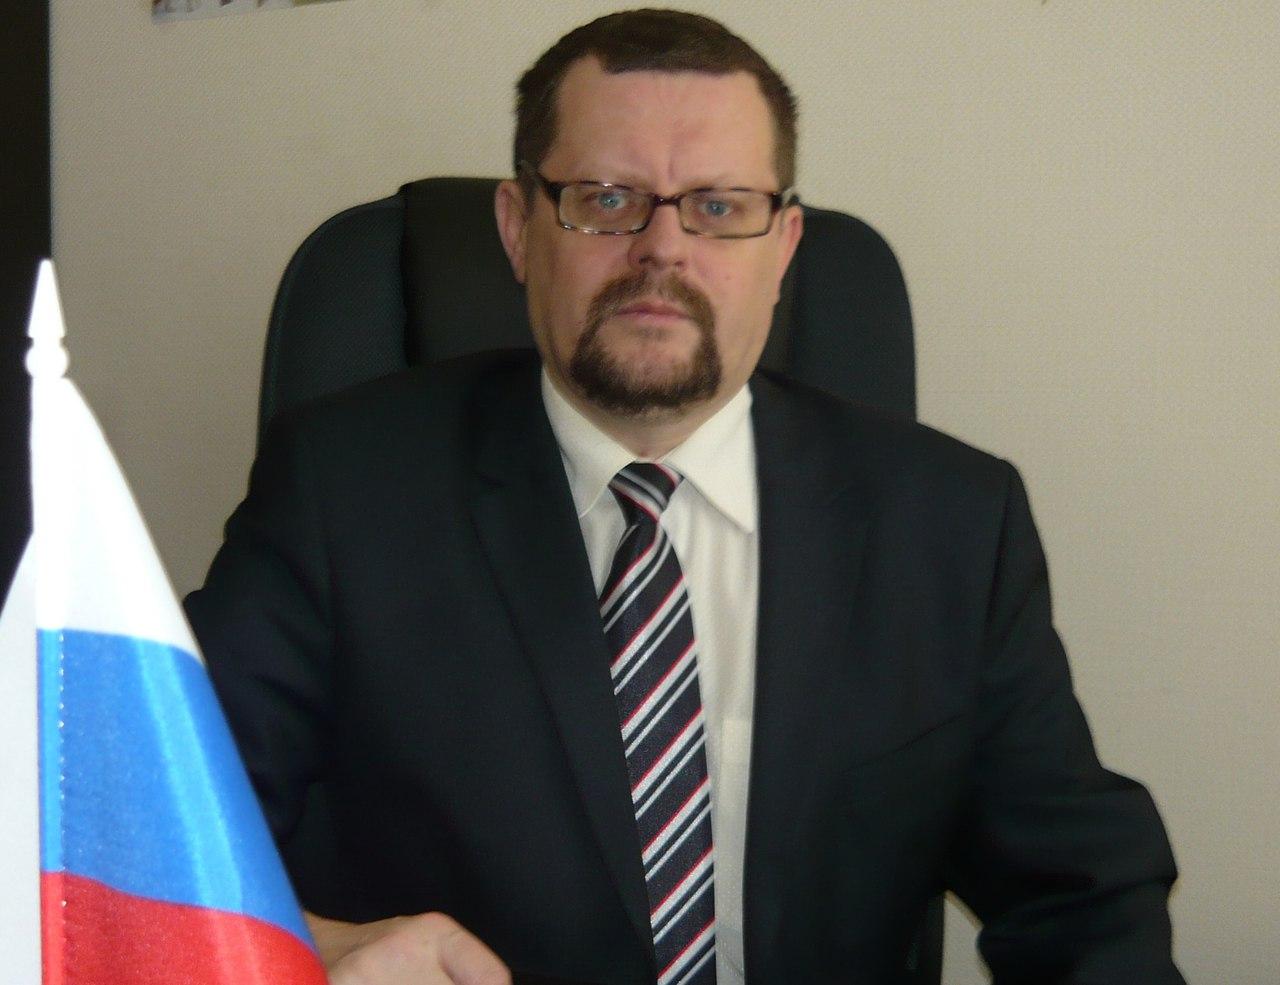 Андрей Геращенко: Белорусы понимают, что ухудшение отношений с Россией прямо бьёт по их экономическому состоянию